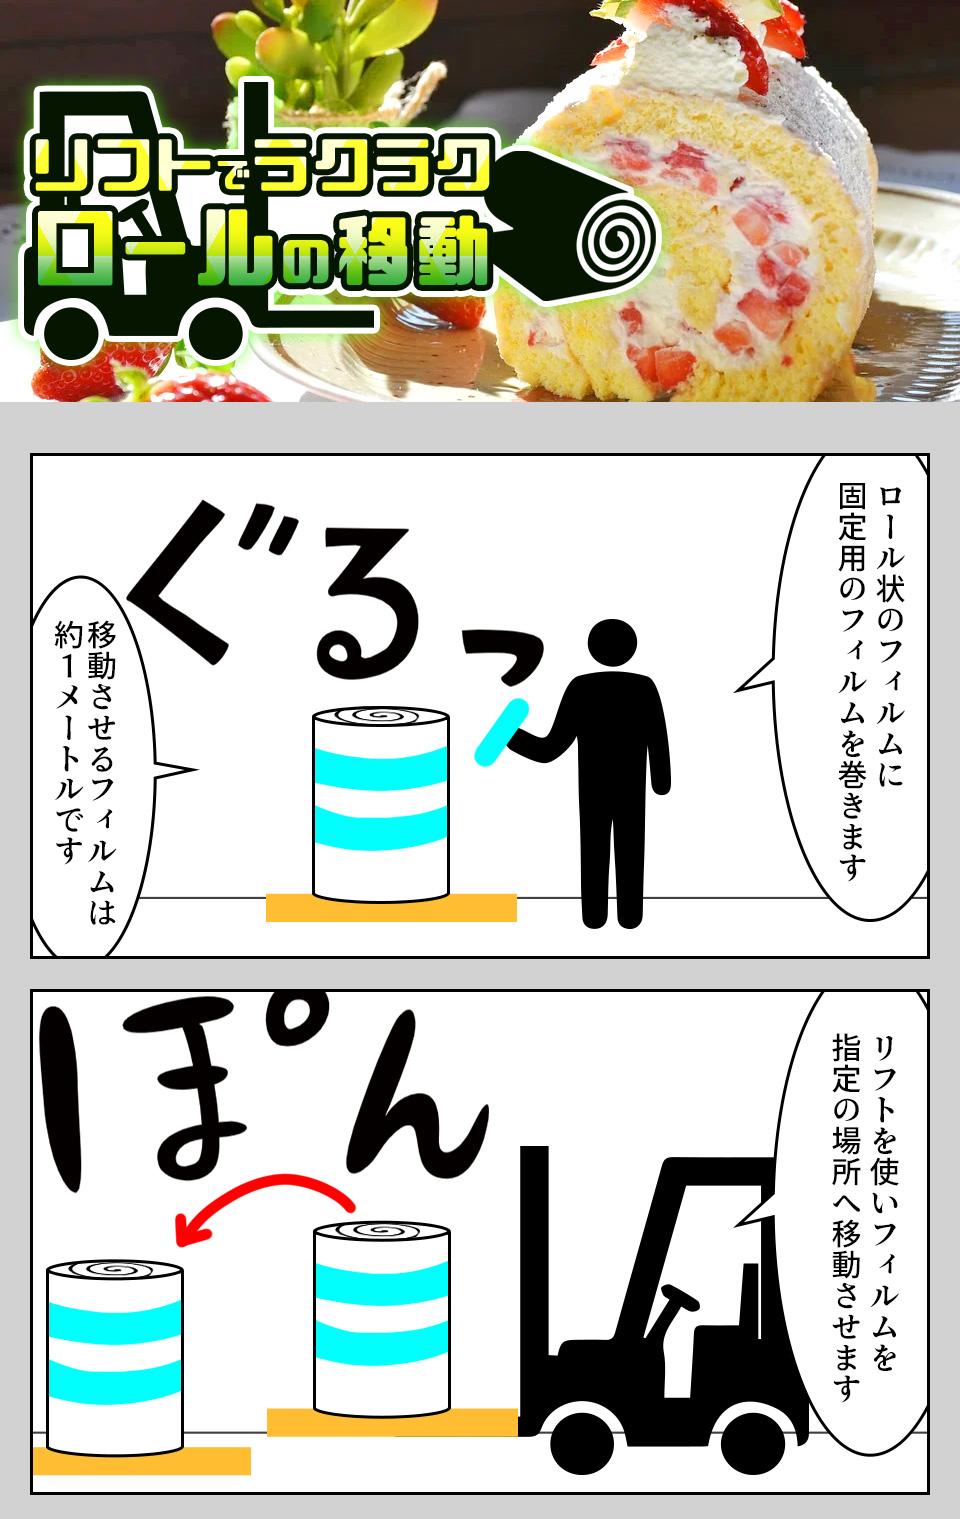 リフトでの運搬作業 愛知県豊橋市の紹介予定派遣求人